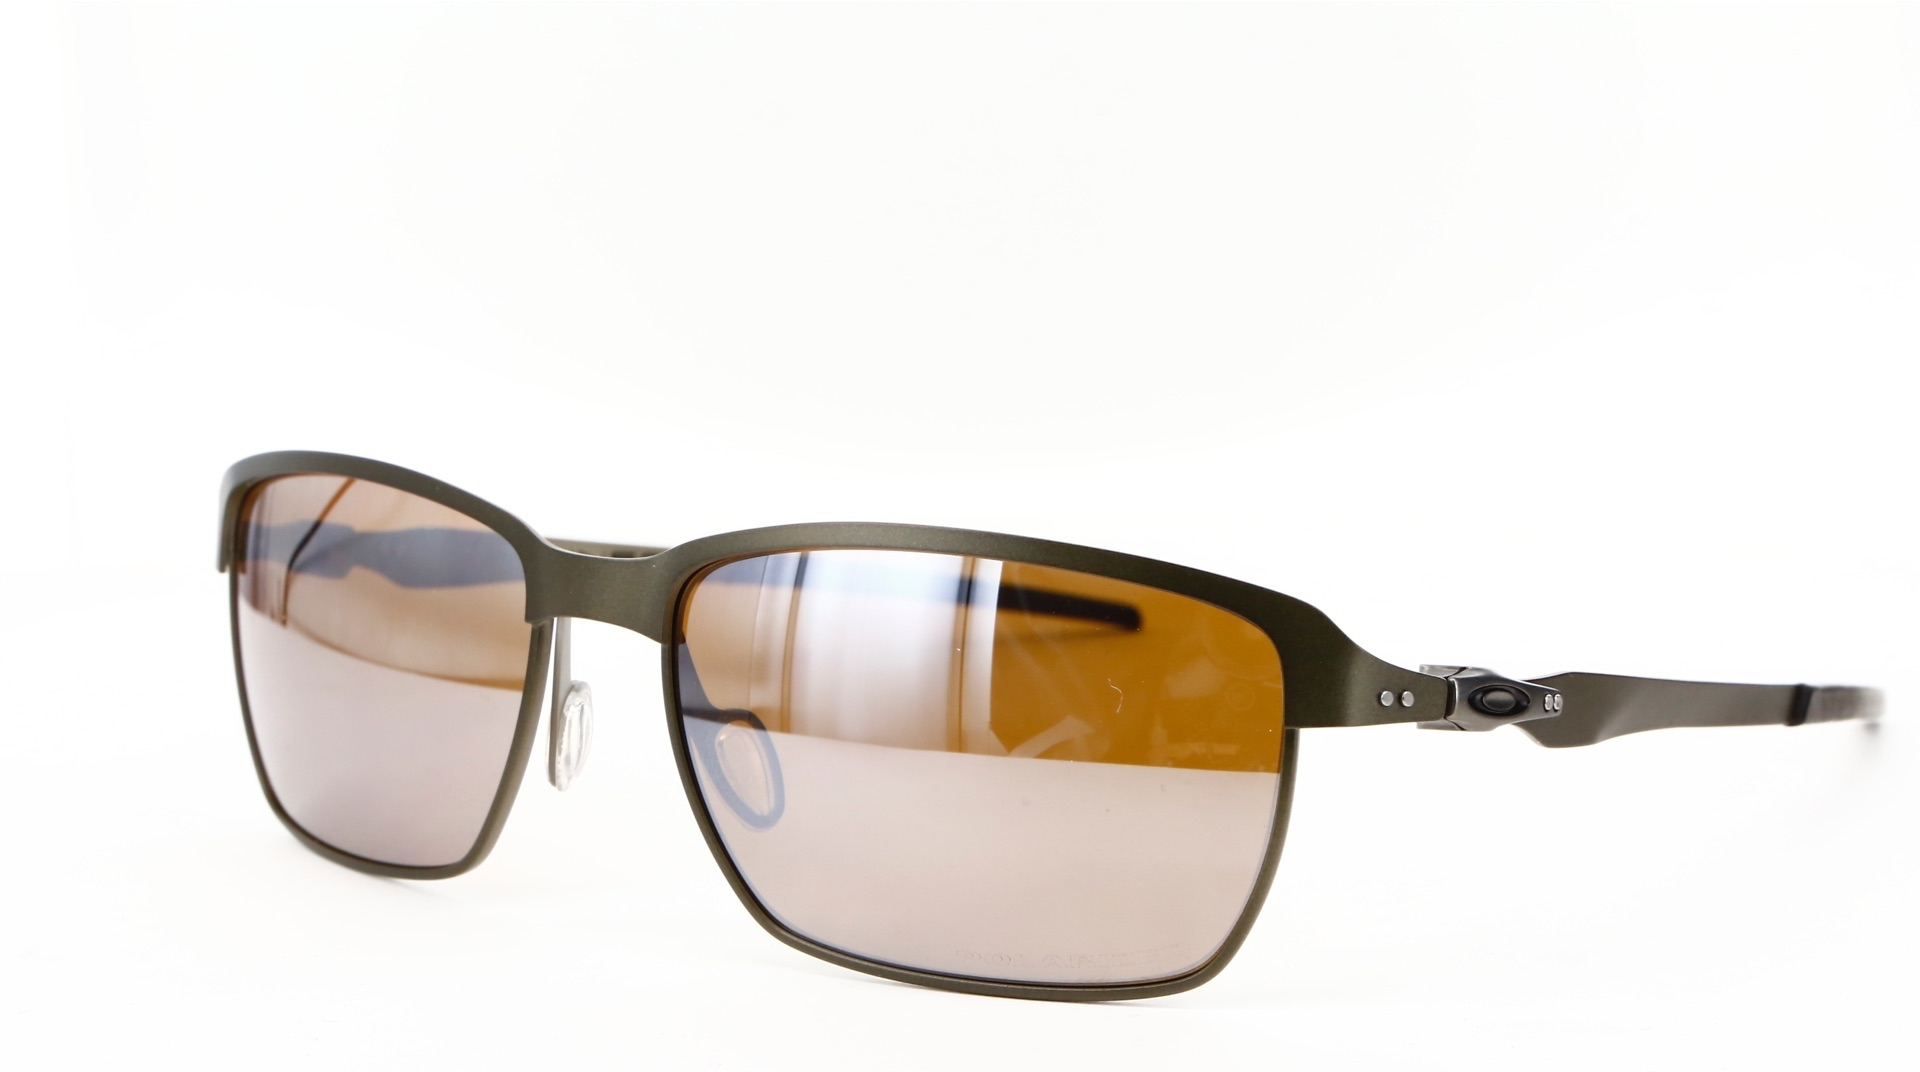 Oakley - ref: 71674